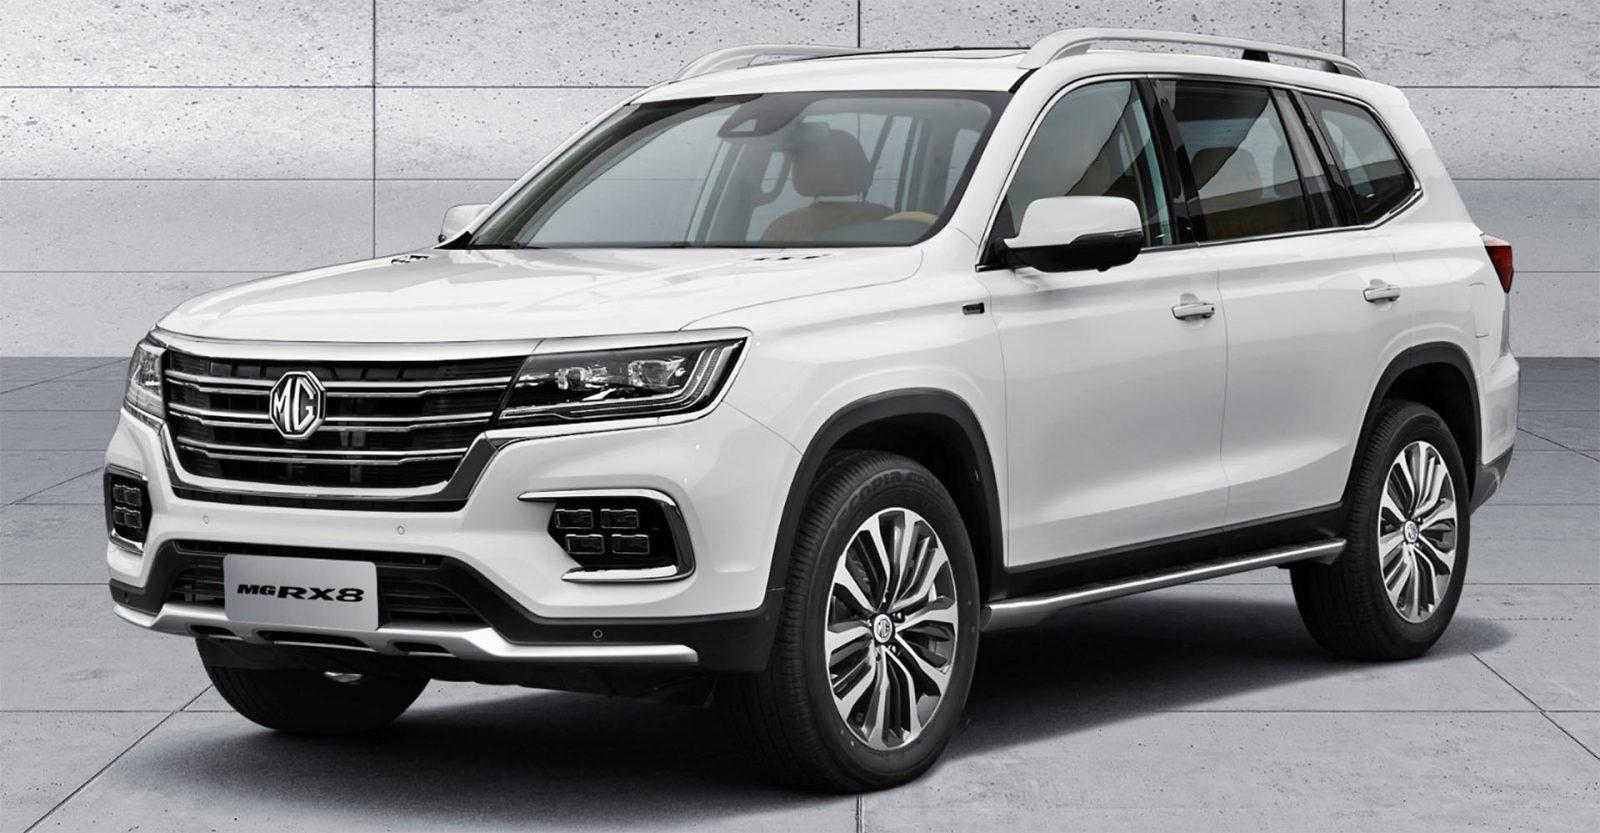 ام جي موتور ت علن الوكيل الحصري في السوق الأردني Arabs Auto